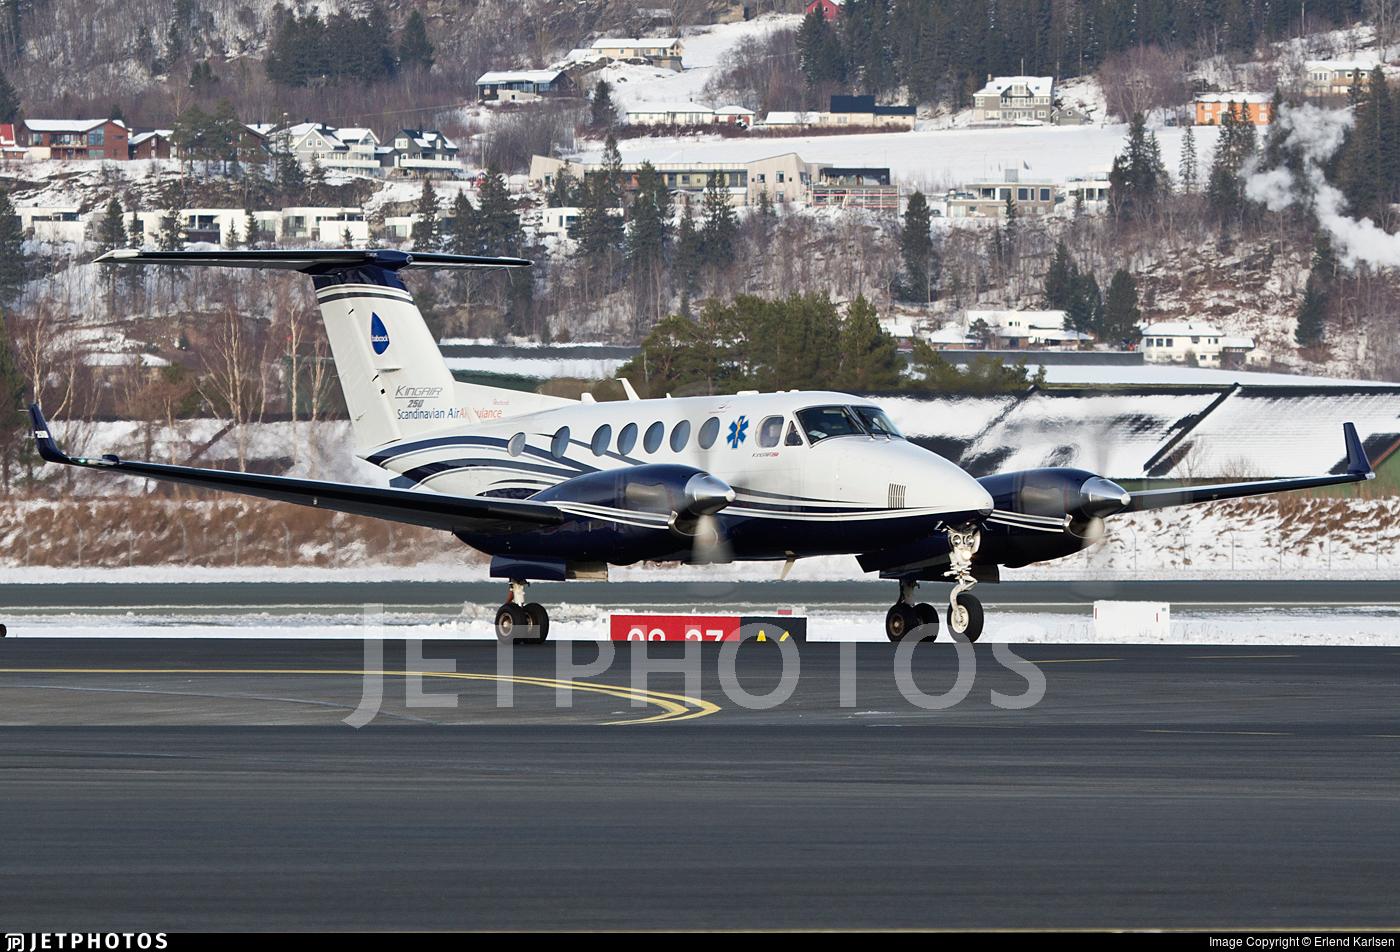 SE-MJH - Beechcraft B200GT Super King Air - Babcock Scandinavian AirAmbulance